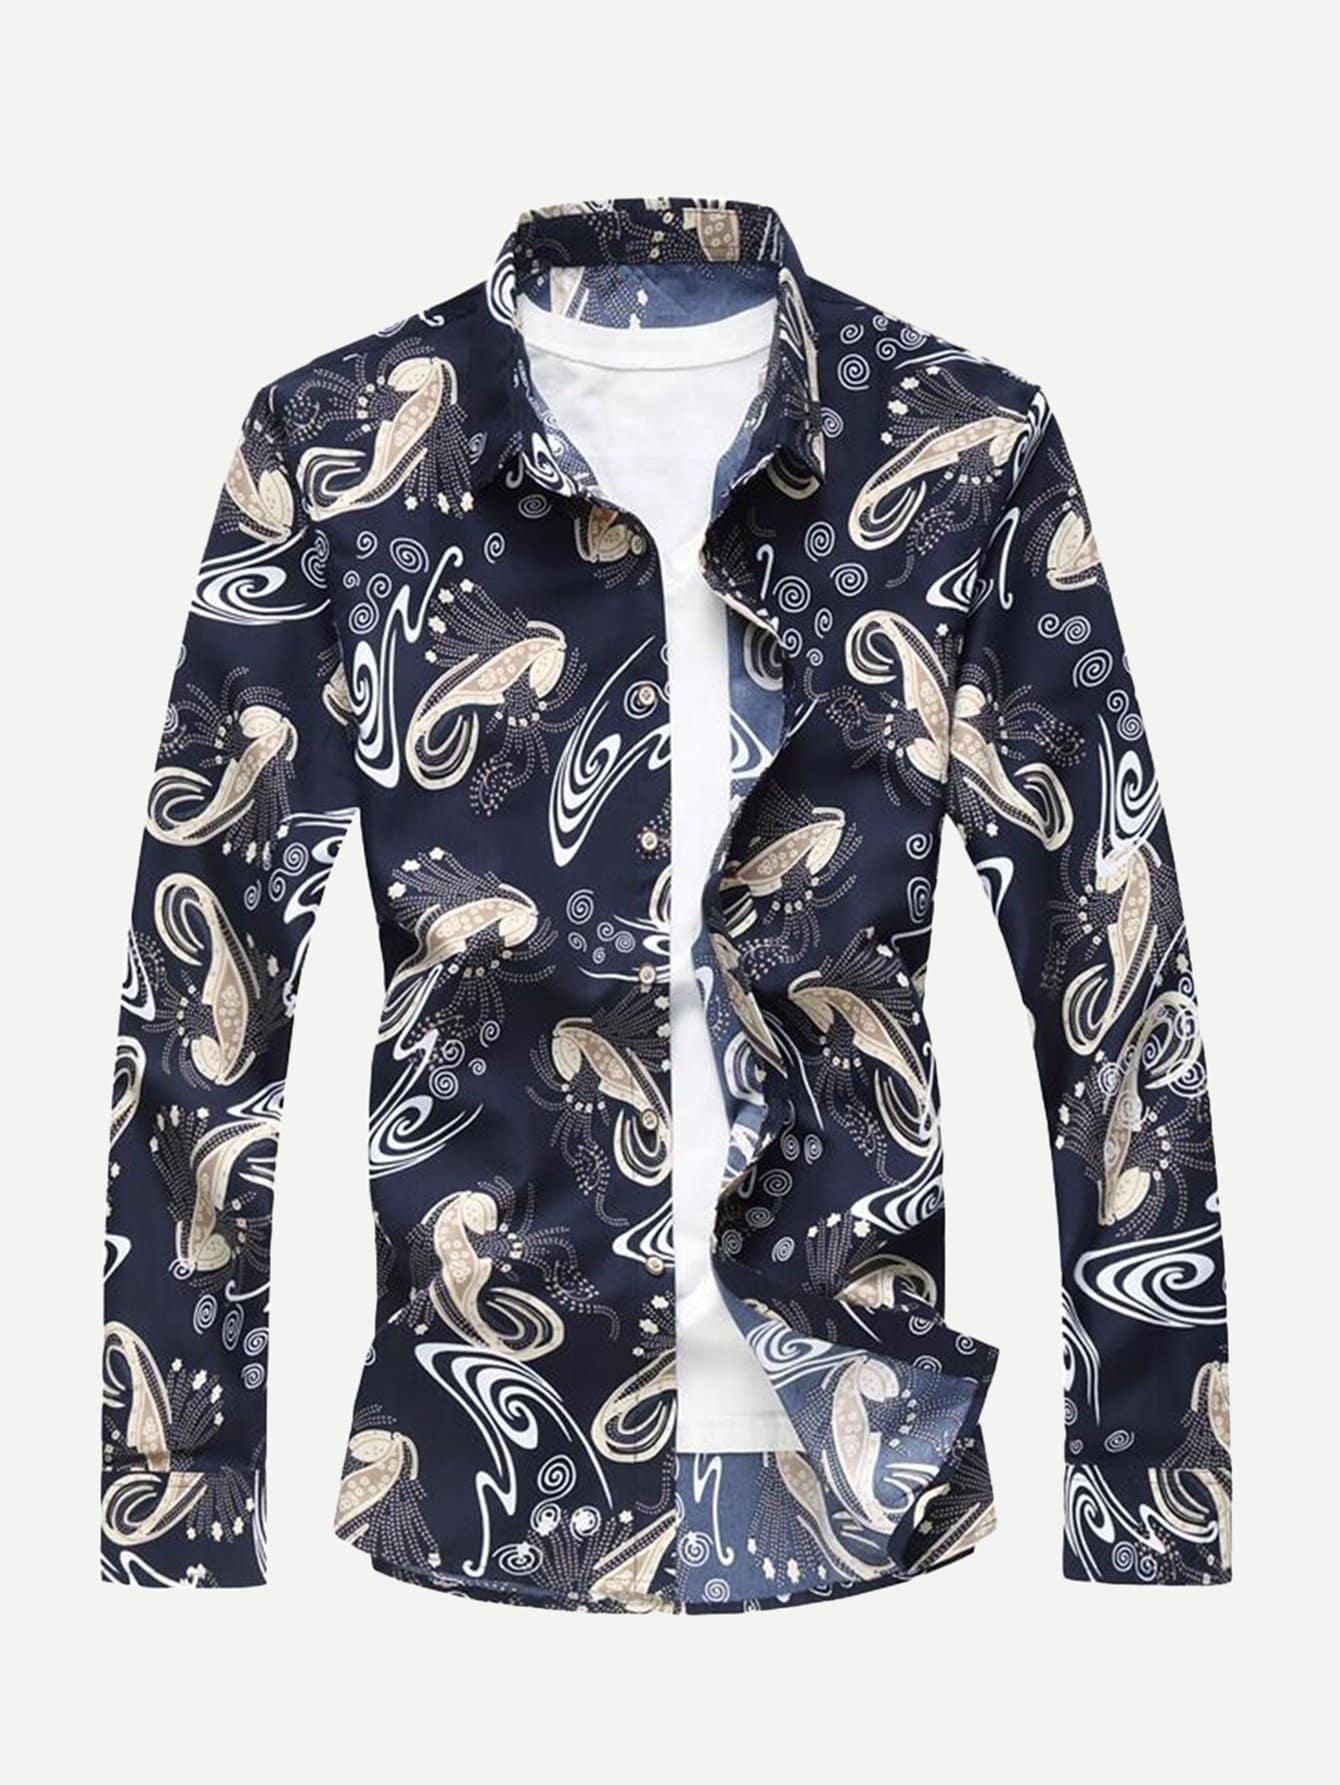 Купить Мужская футболка с принтом абсрактным и с жилетом, null, SheIn